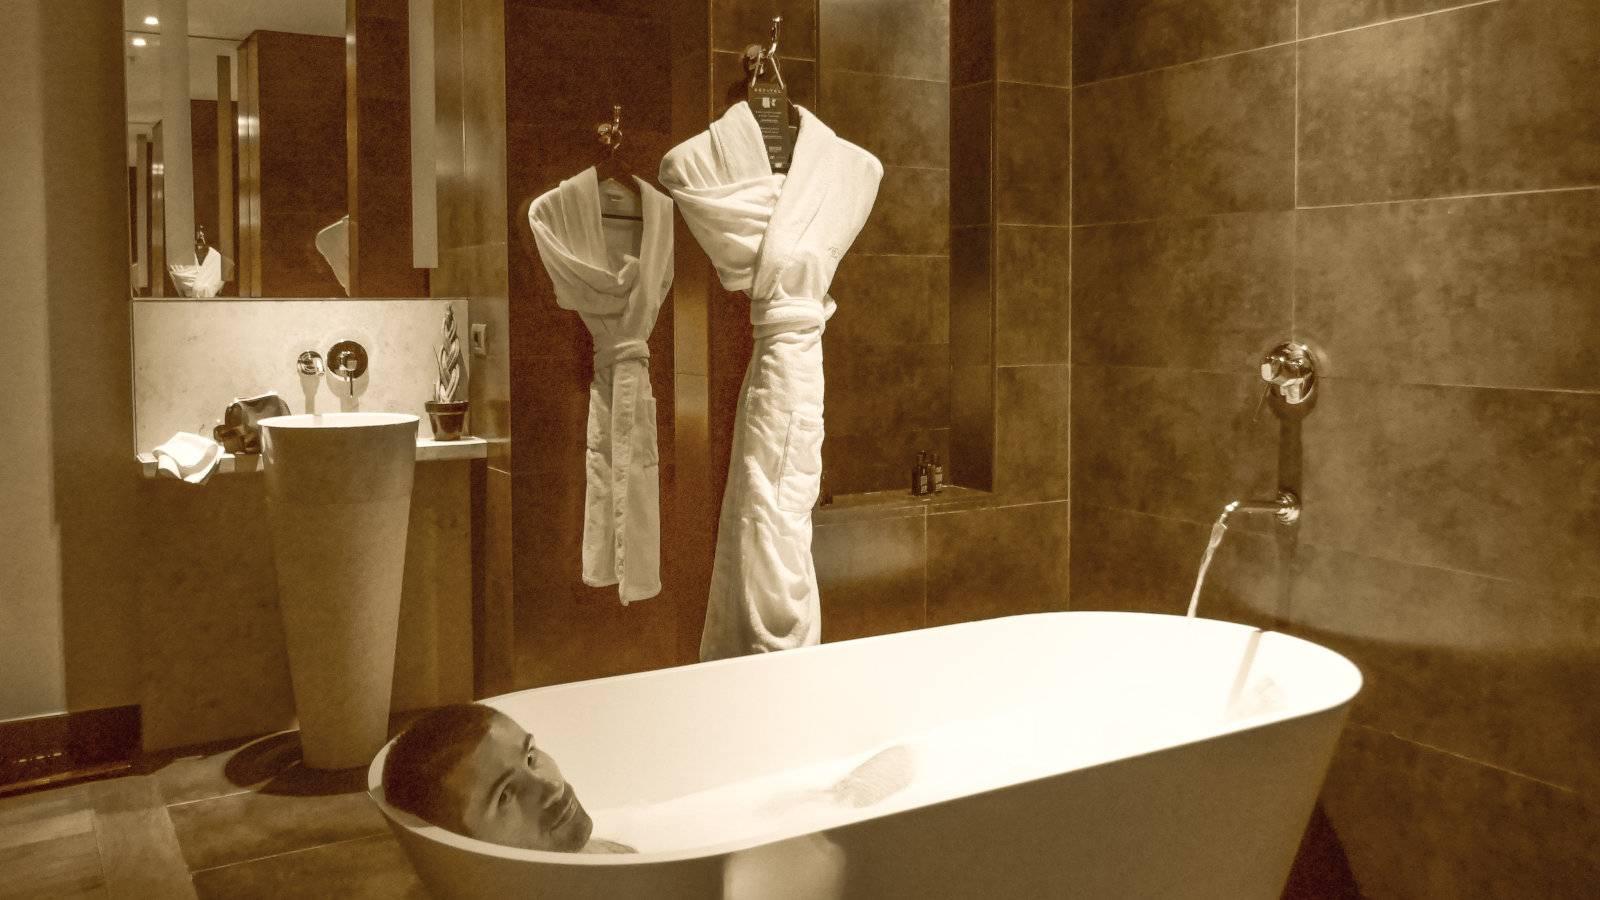 O Sofitel Carrasco é um hotel luxuoso e muito gay friendly em Montevidéu, Uruguai